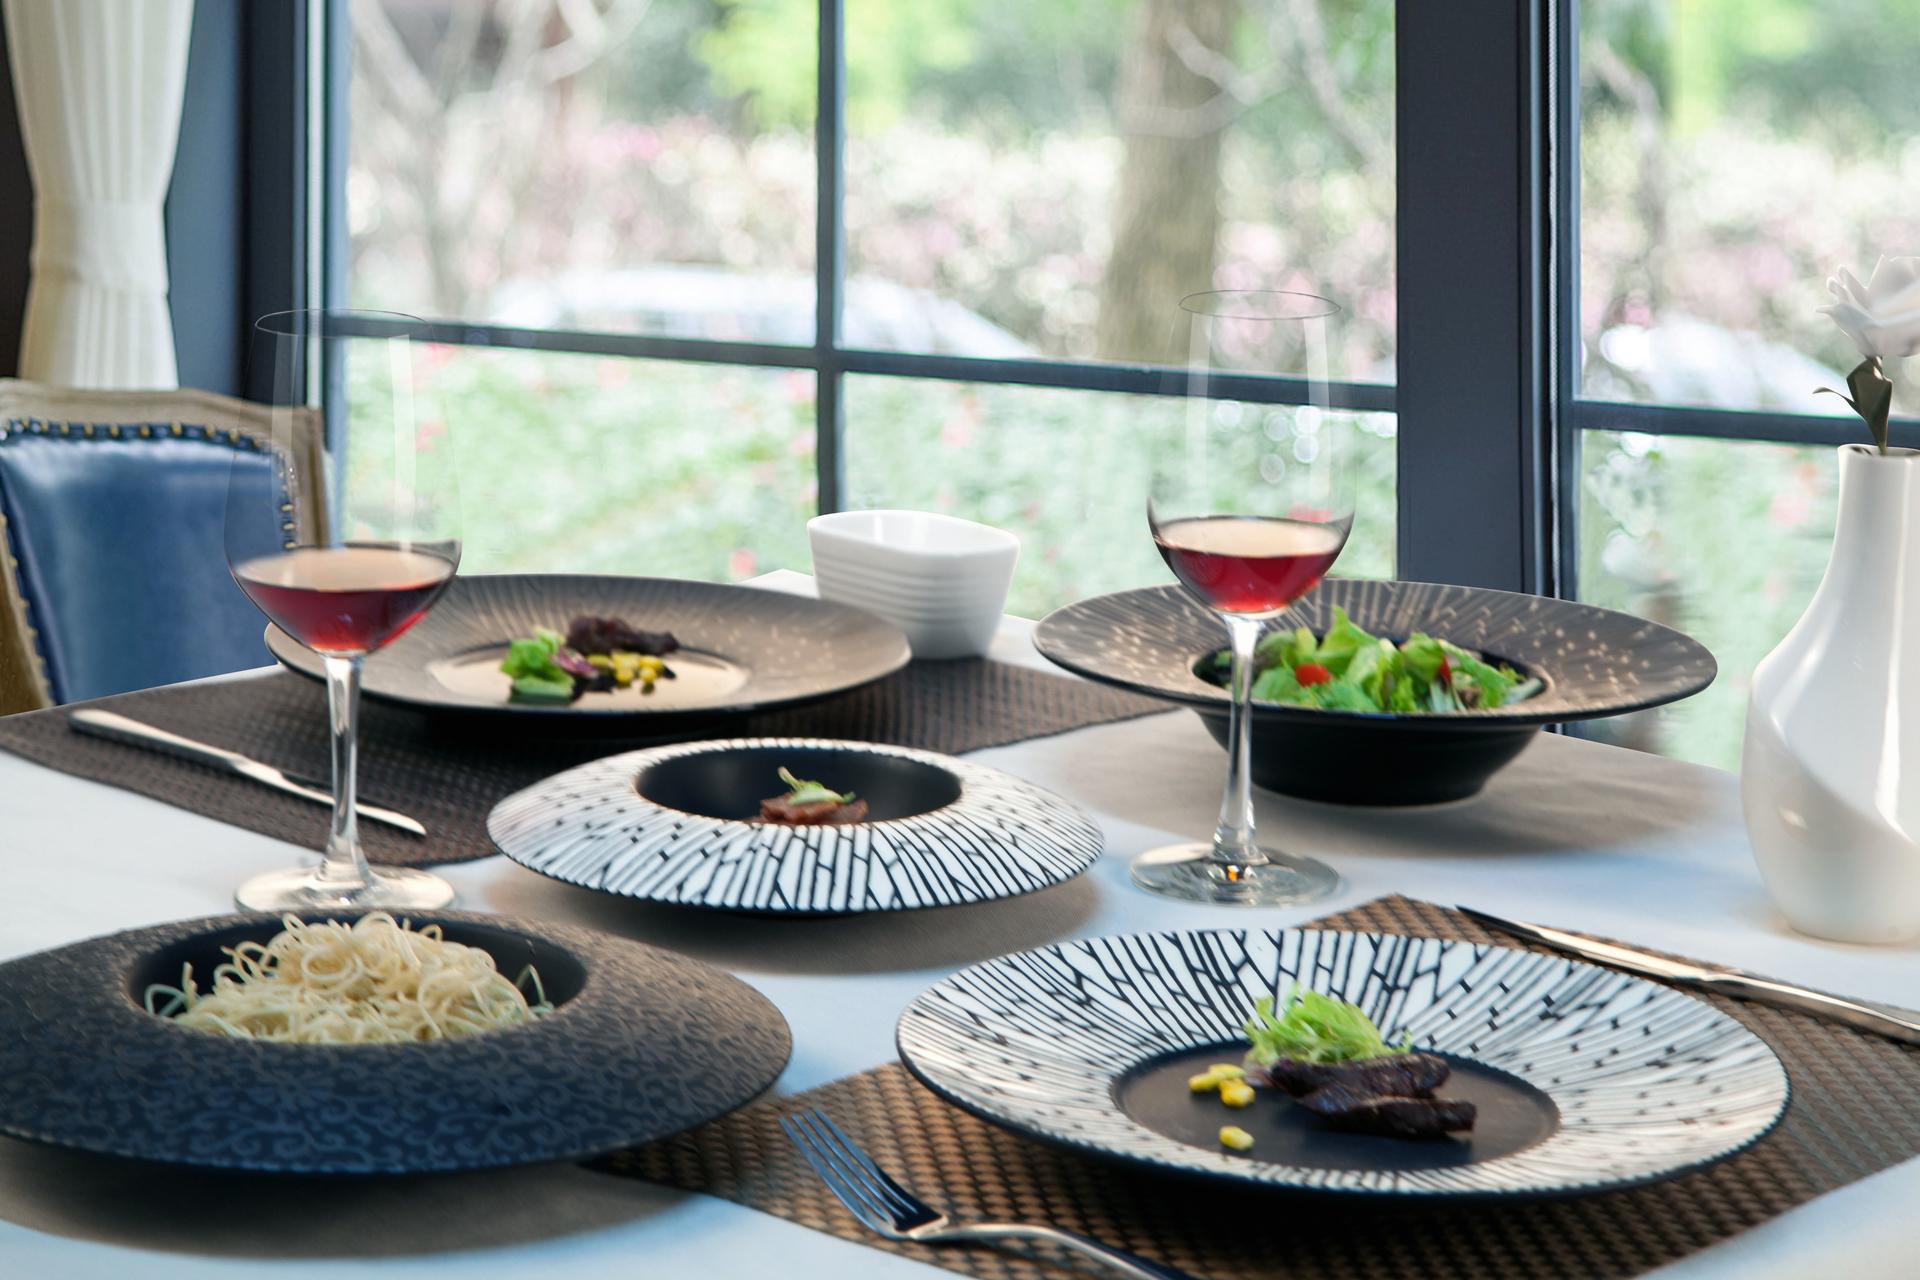 Fine restaurant matte black ceramic plate porcelain tableware for dinner